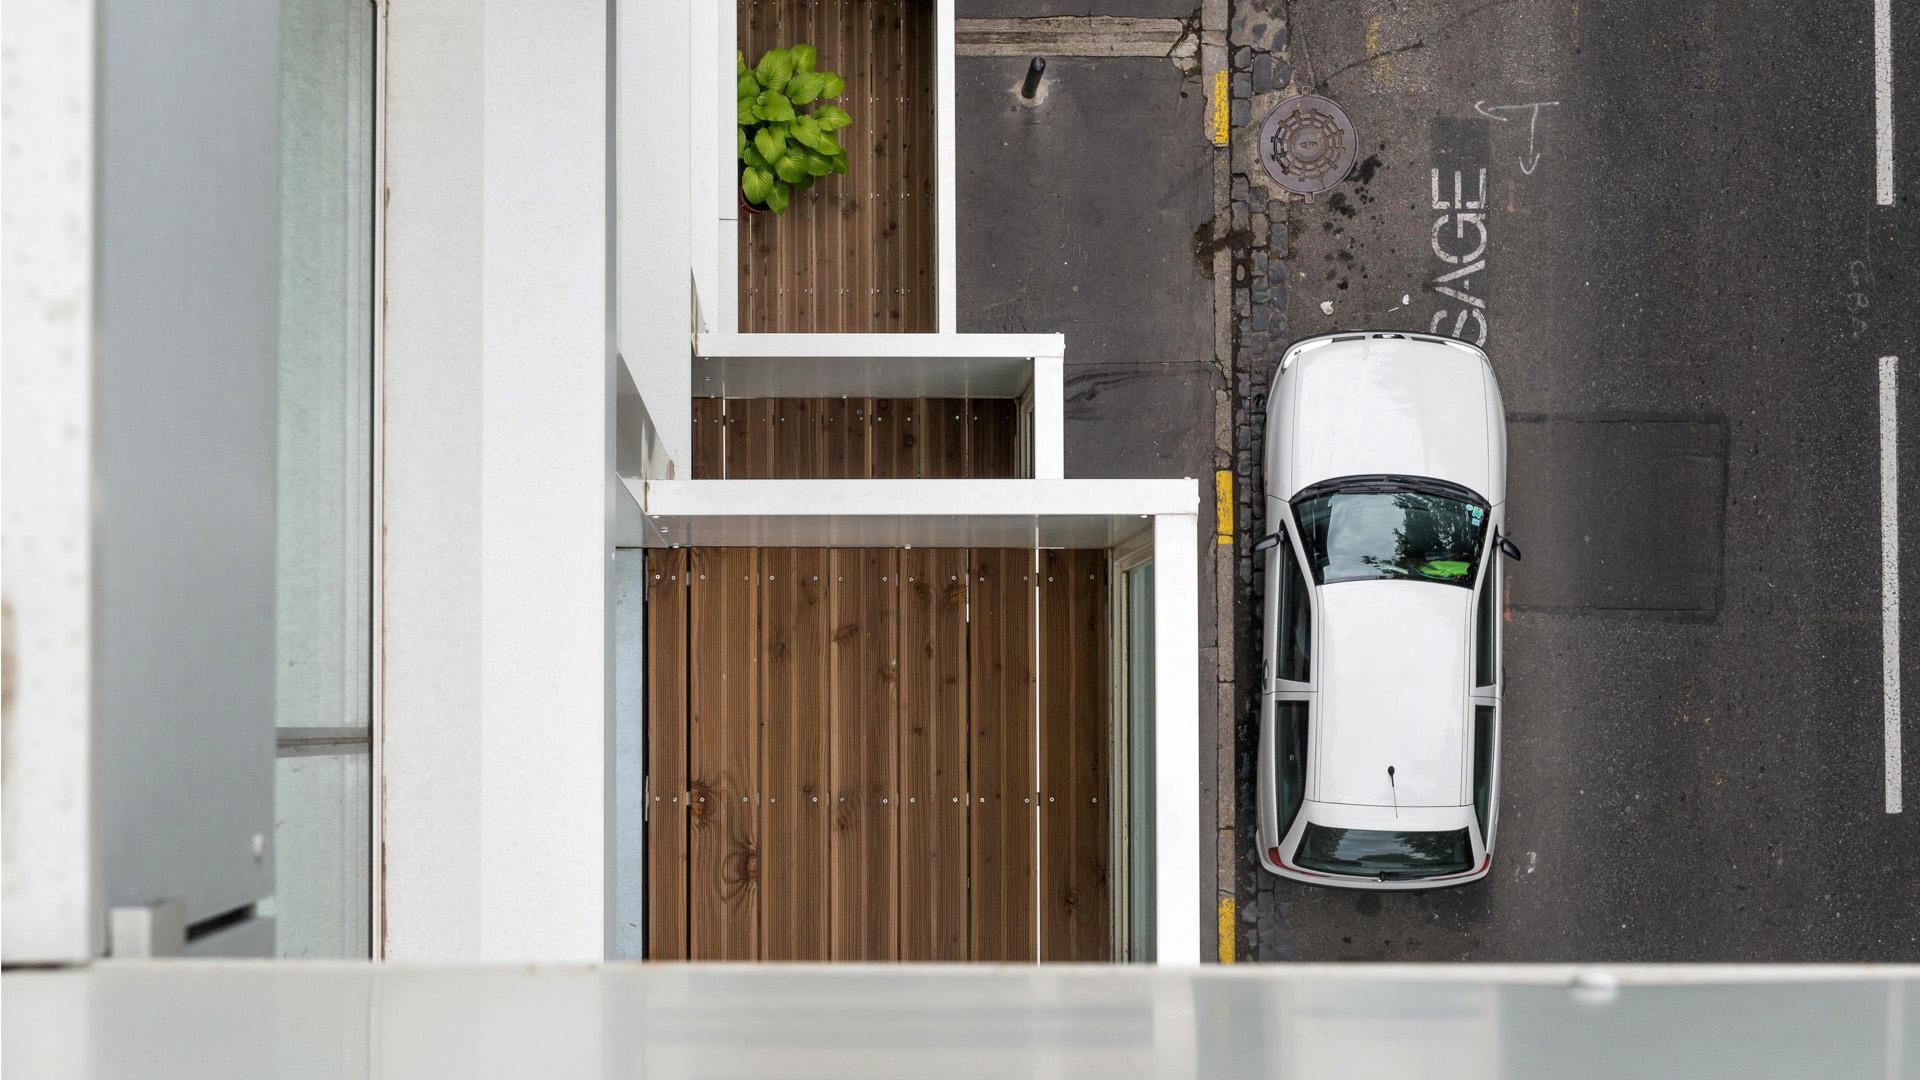 07-Seul-Architecture-Bld-de-la-gare-crédit-Ph.-Stéphane-Brugidou